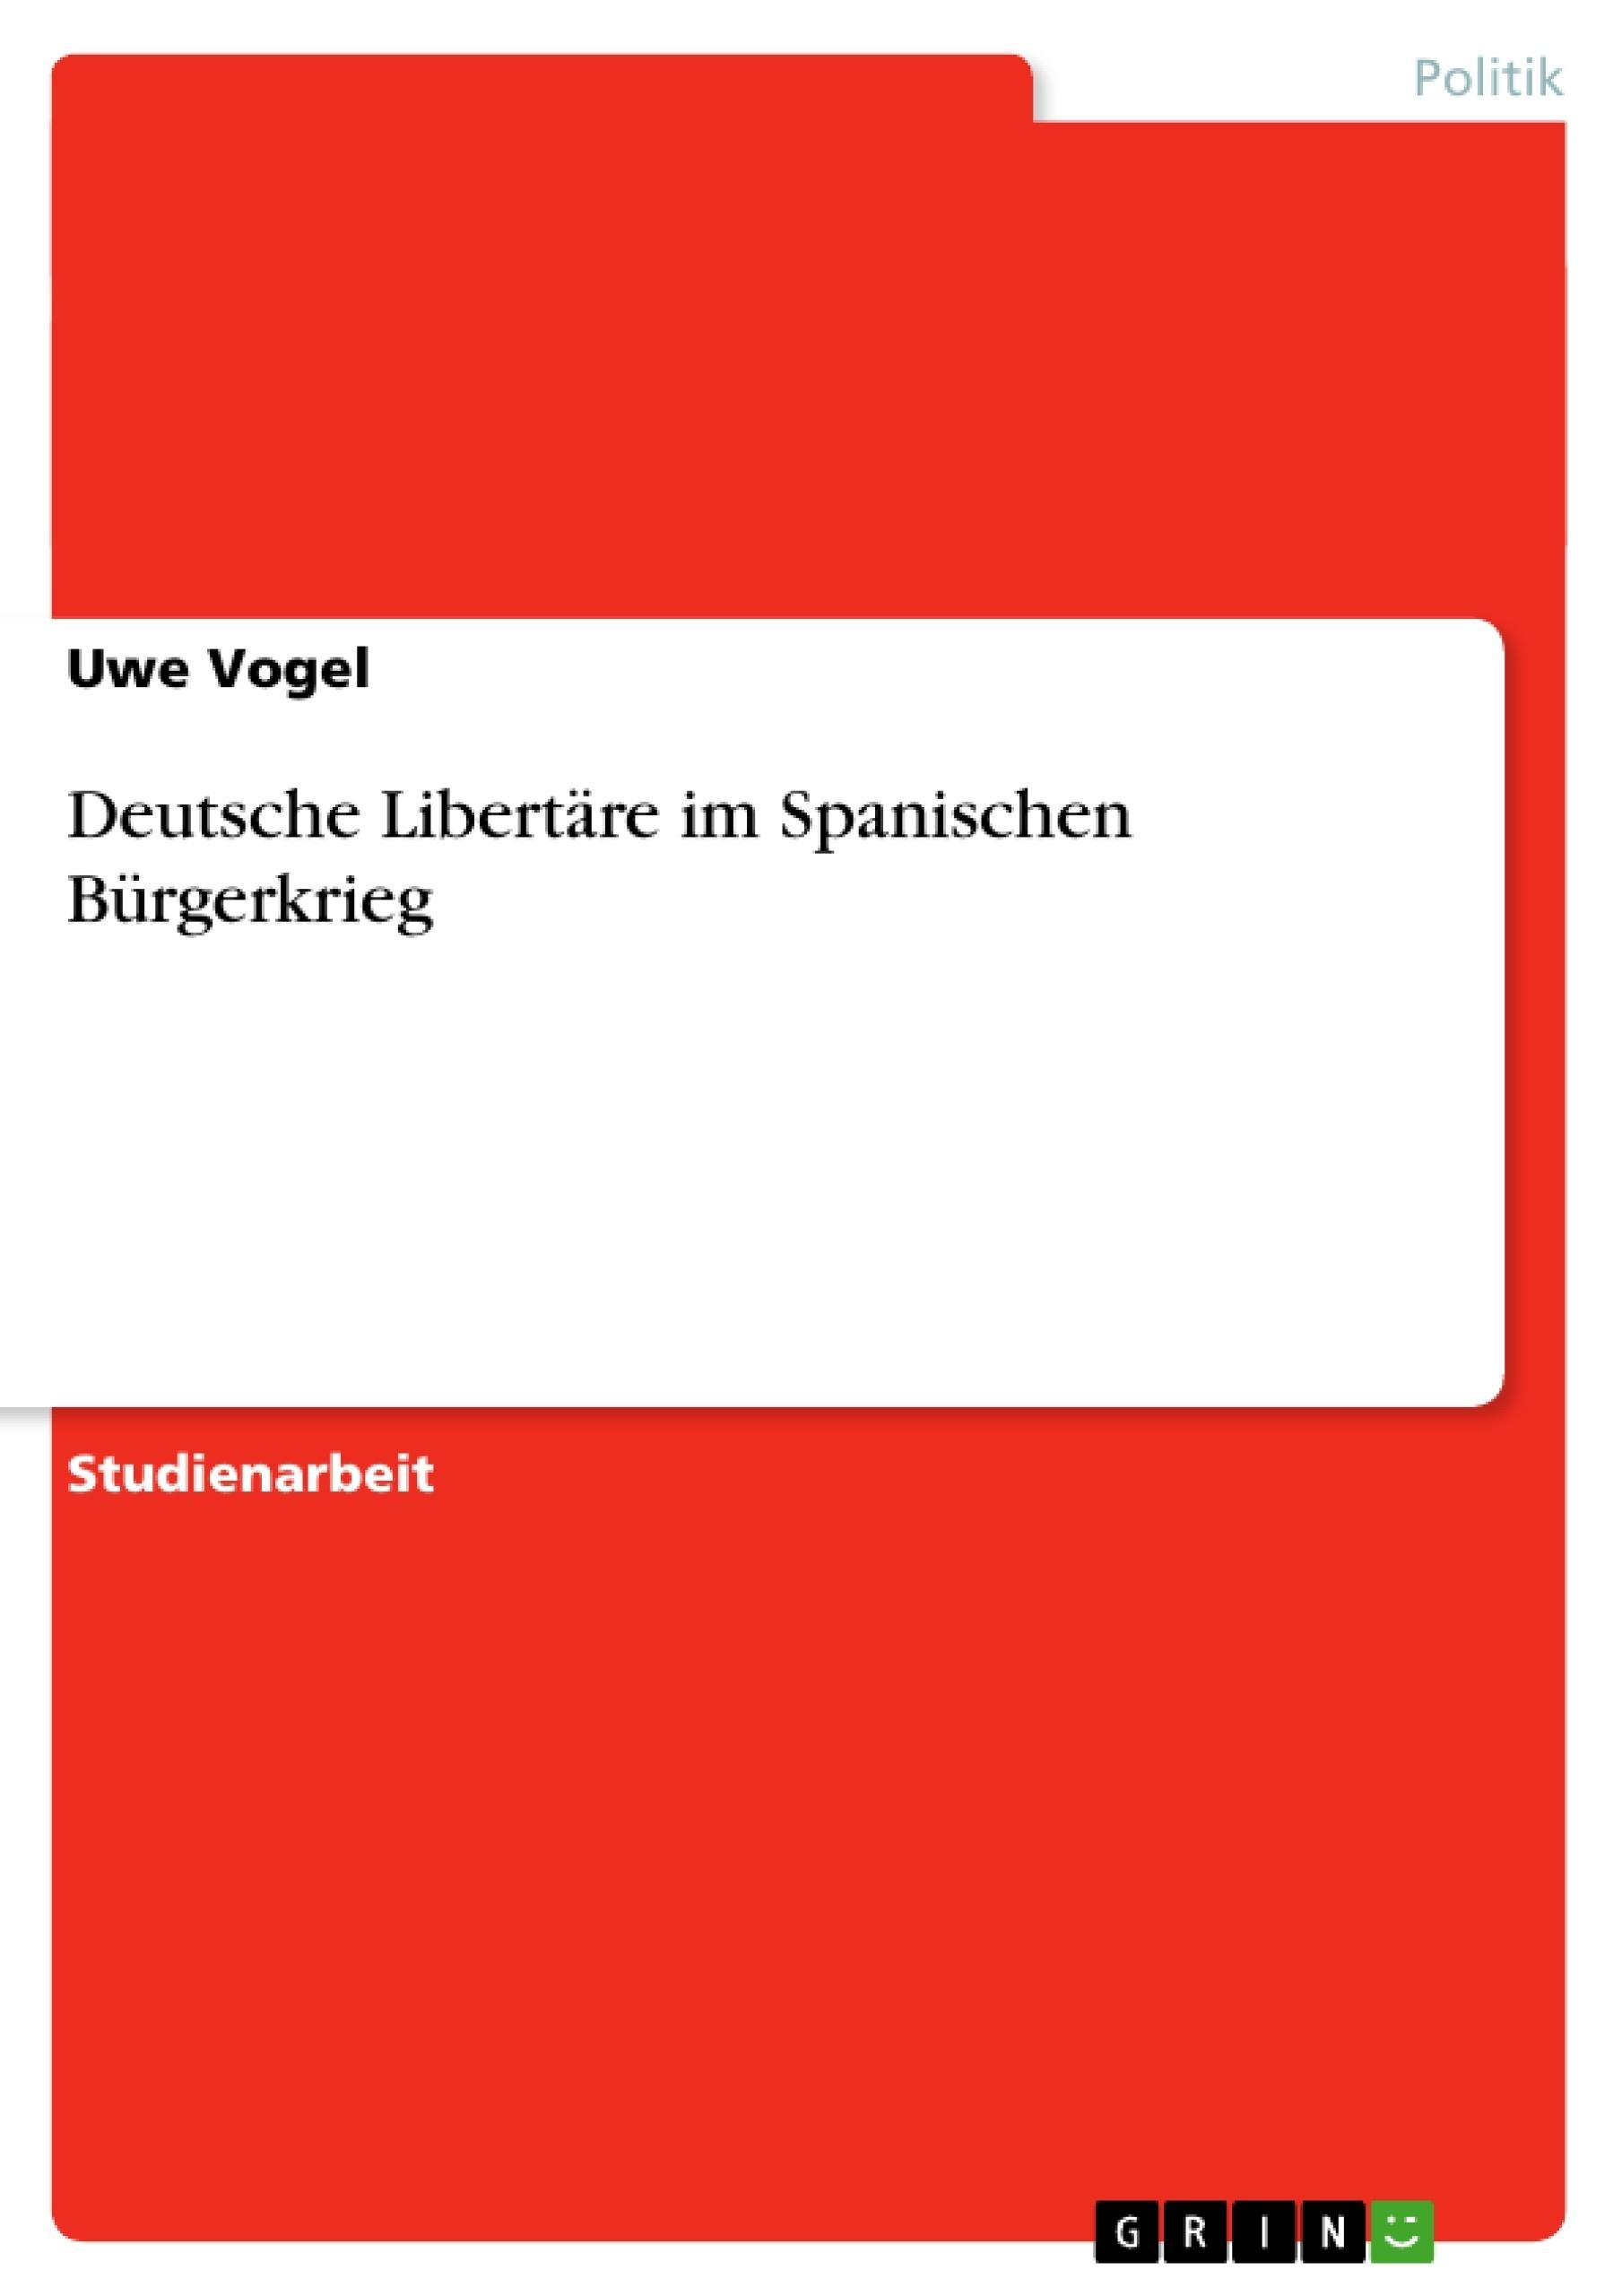 Titel: Deutsche Libertäre im Spanischen Bürgerkrieg